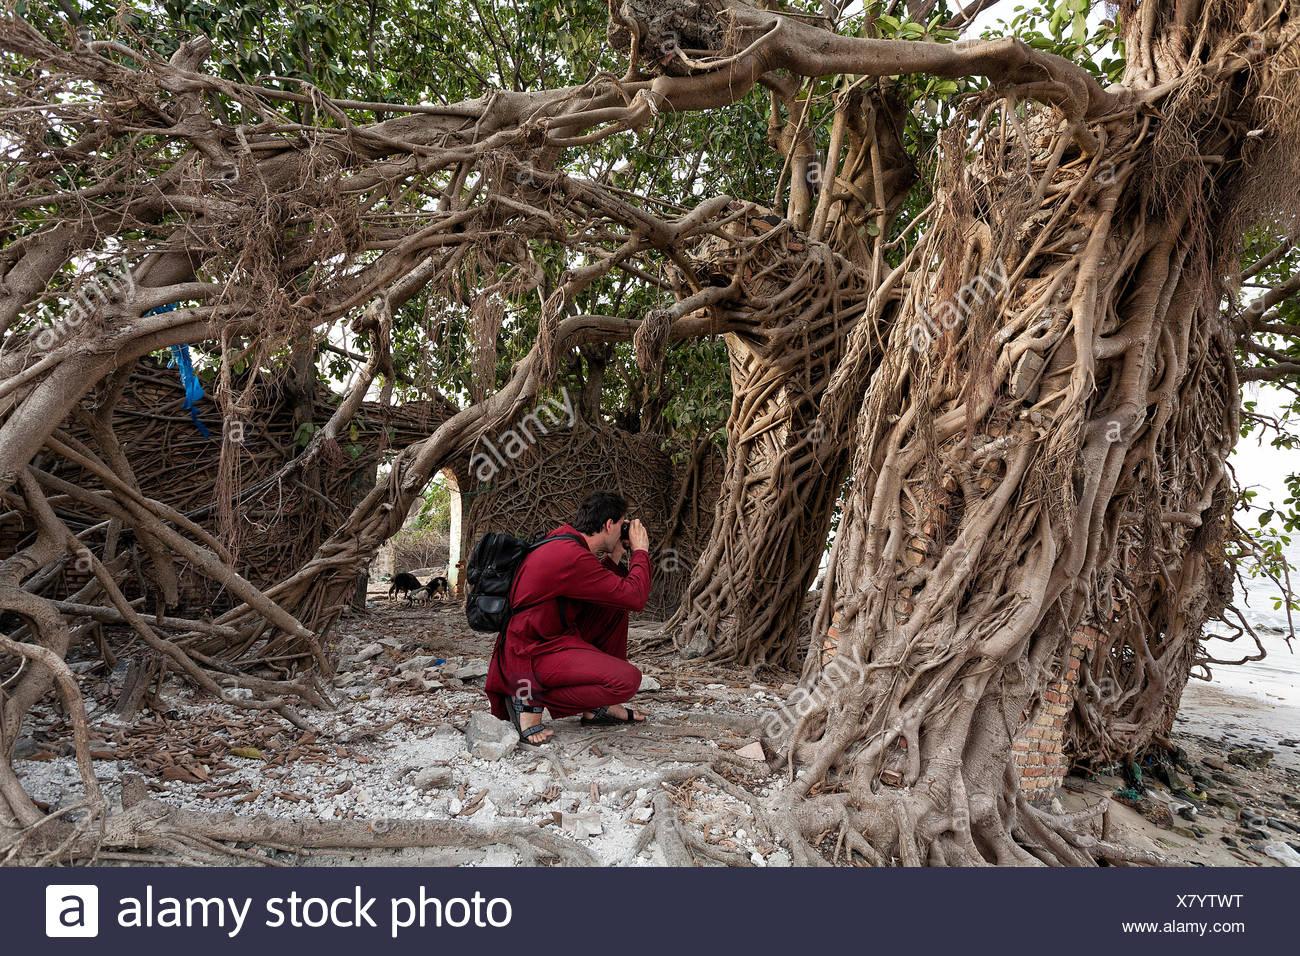 Les touristes de prendre des photographies, des racines d'arbre couvrant les murs d'une vieille maison à Elinkine, Casamance, Sénégal Banque D'Images